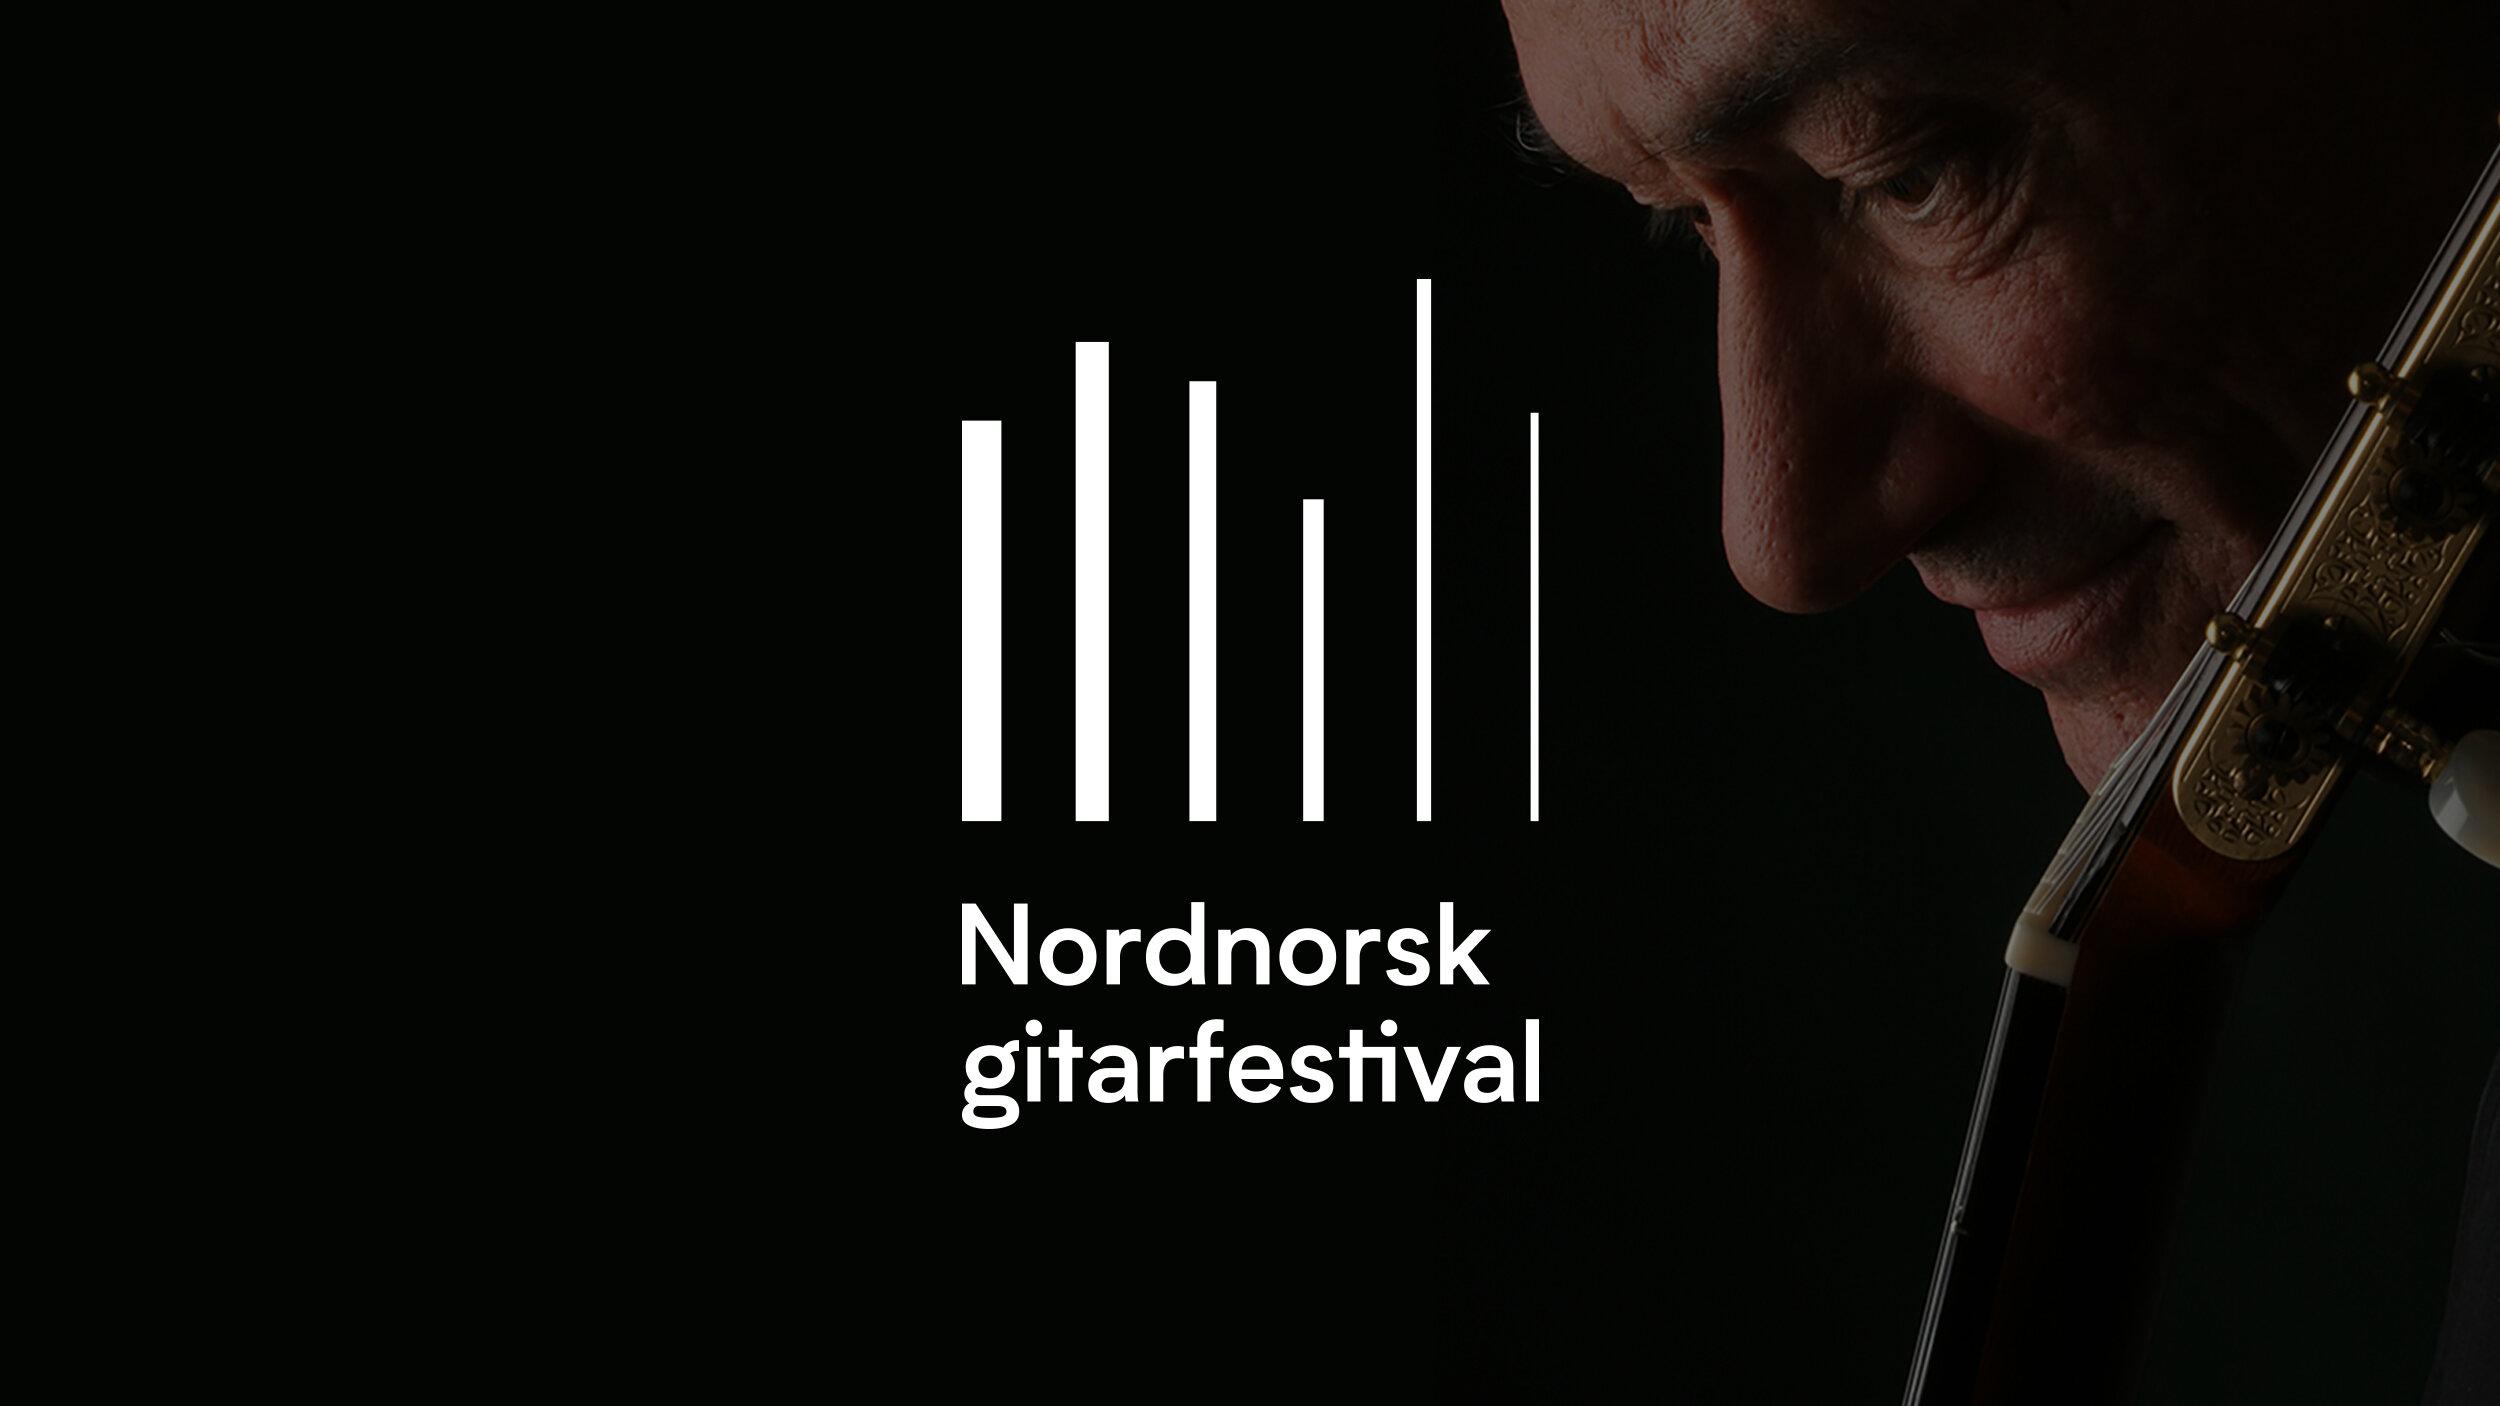 Nordnorsk gitarfestival